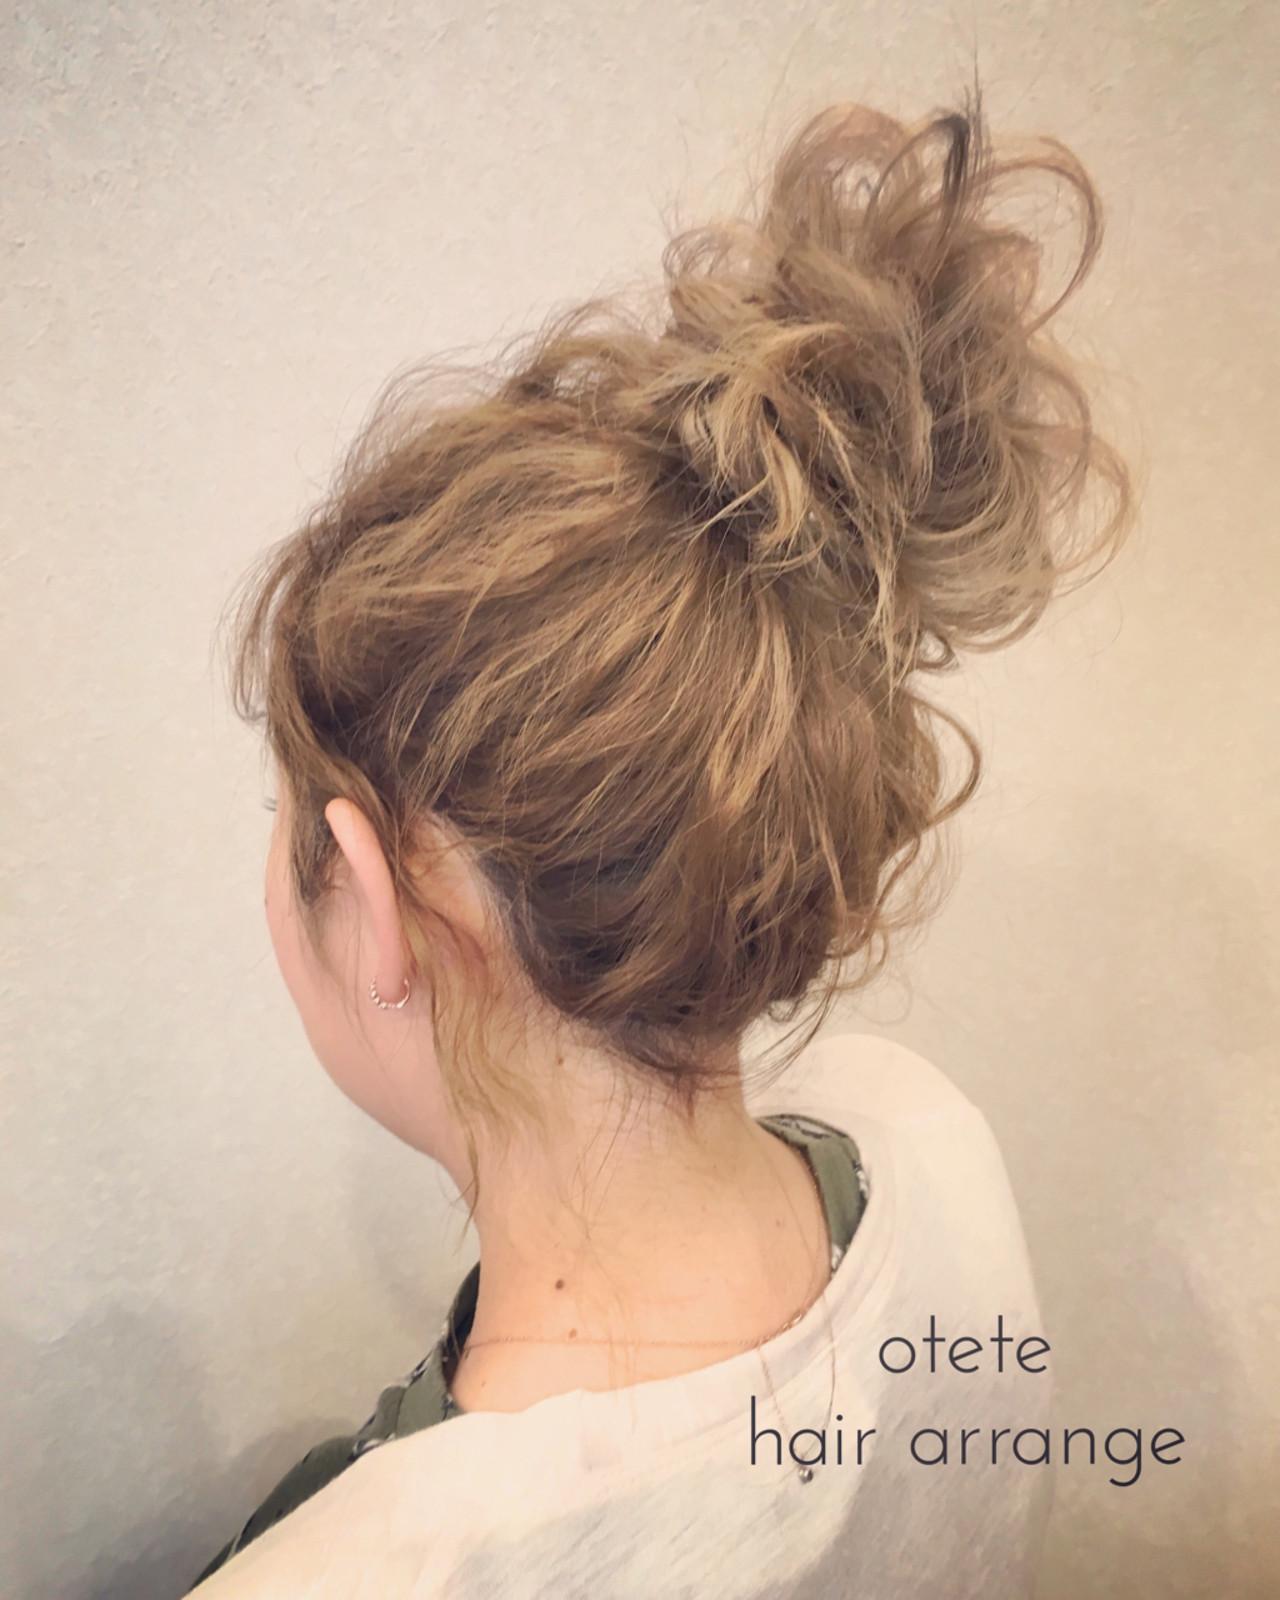 ウェーブ セミロング ヘアアレンジ 結婚式 ヘアスタイルや髪型の写真・画像